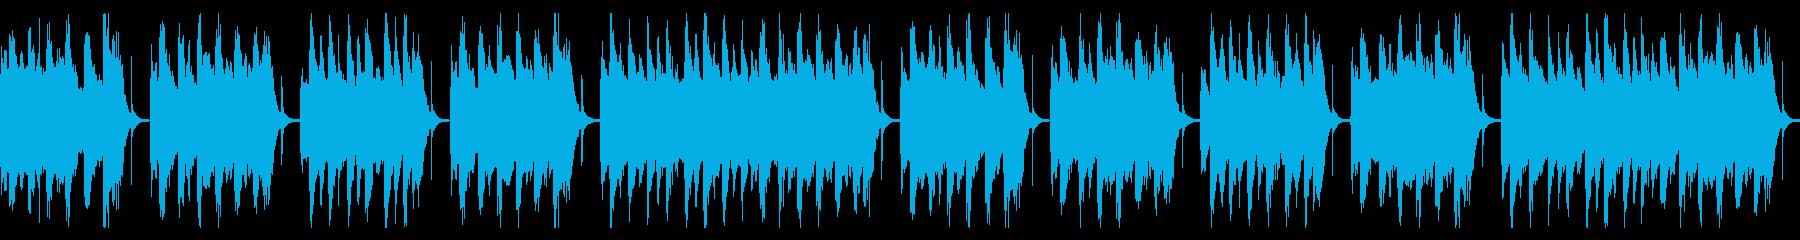 コミカルでクラシックなスイング曲の再生済みの波形